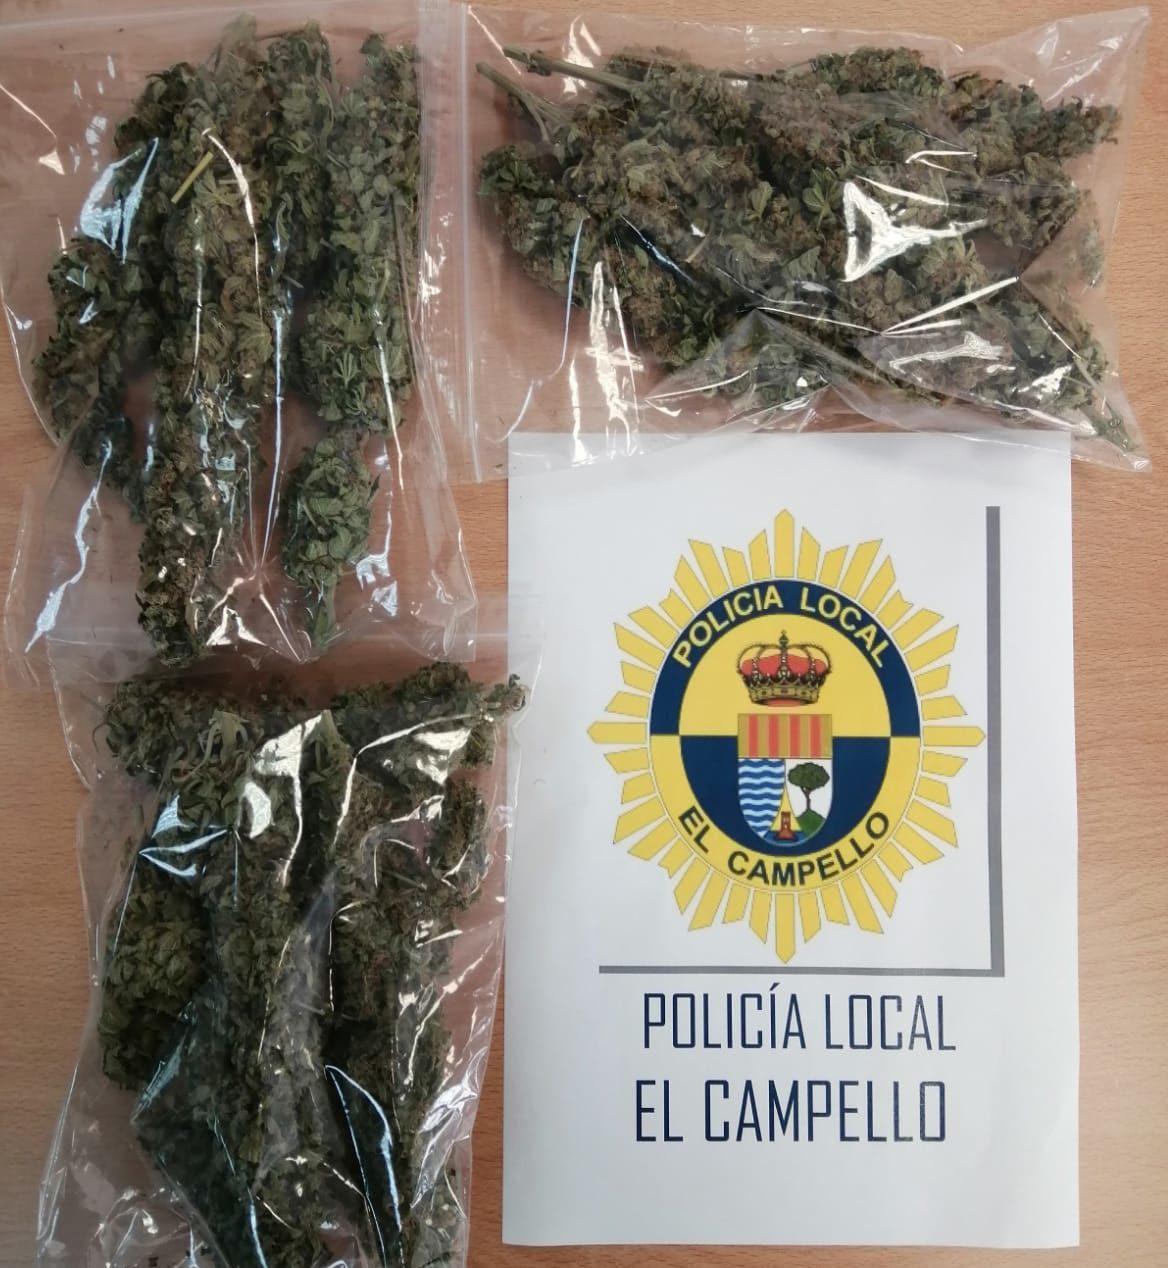 Incautación de droga por la Policía Local de El Campello